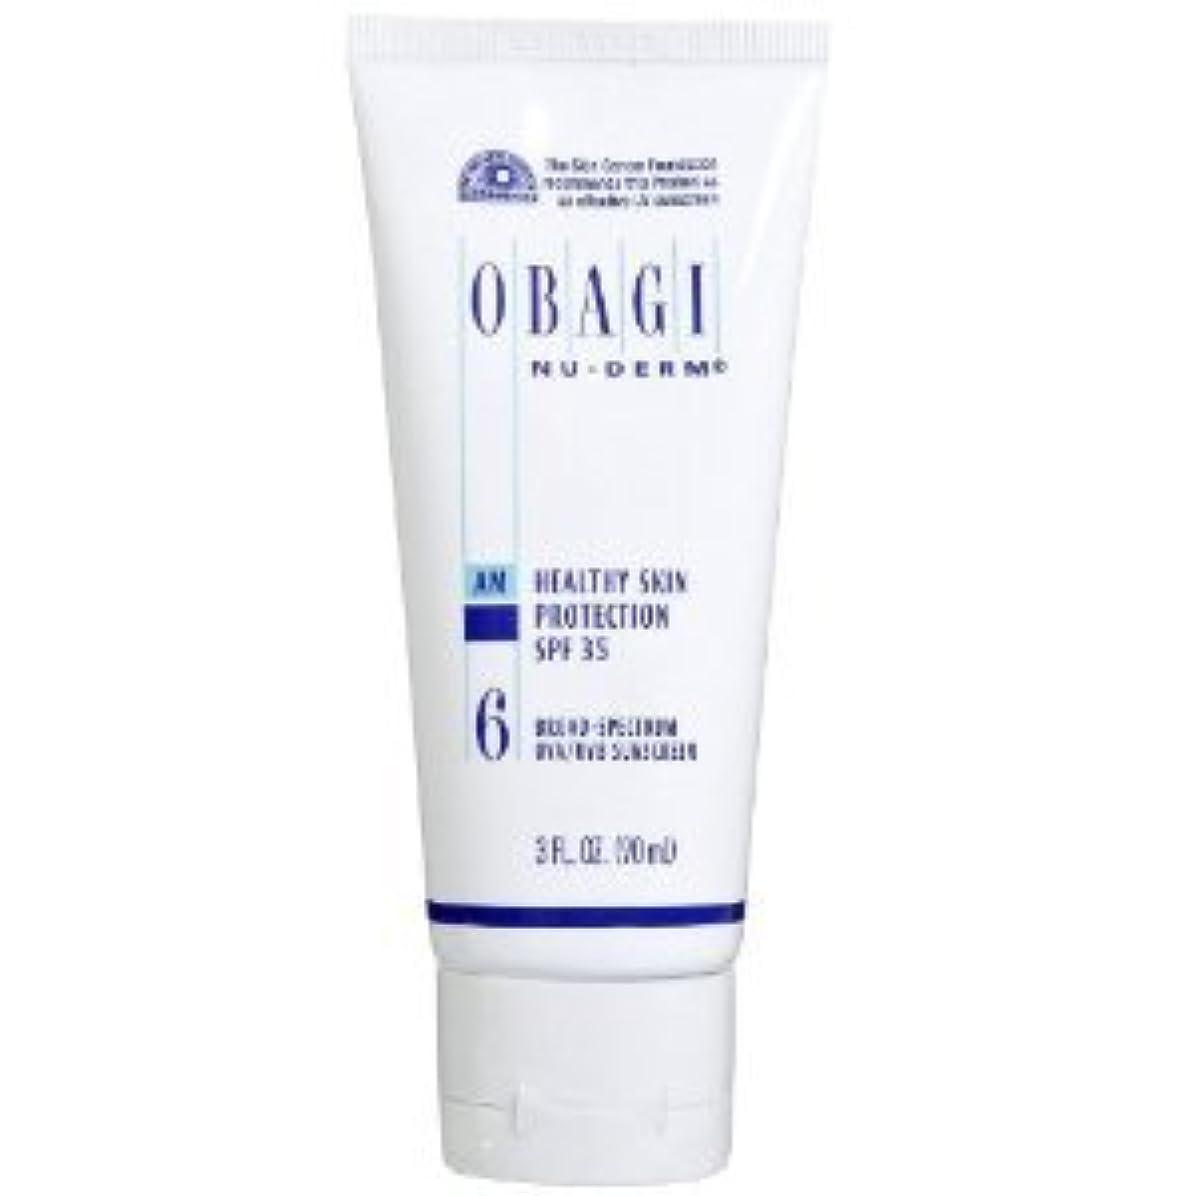 環境占める一時的オバジ ニューダーム スキンプロテクション サンスクリーン(SPF35) Obagi Nu-Derm Healthy Skin Protection SPF 35 Sunscreens